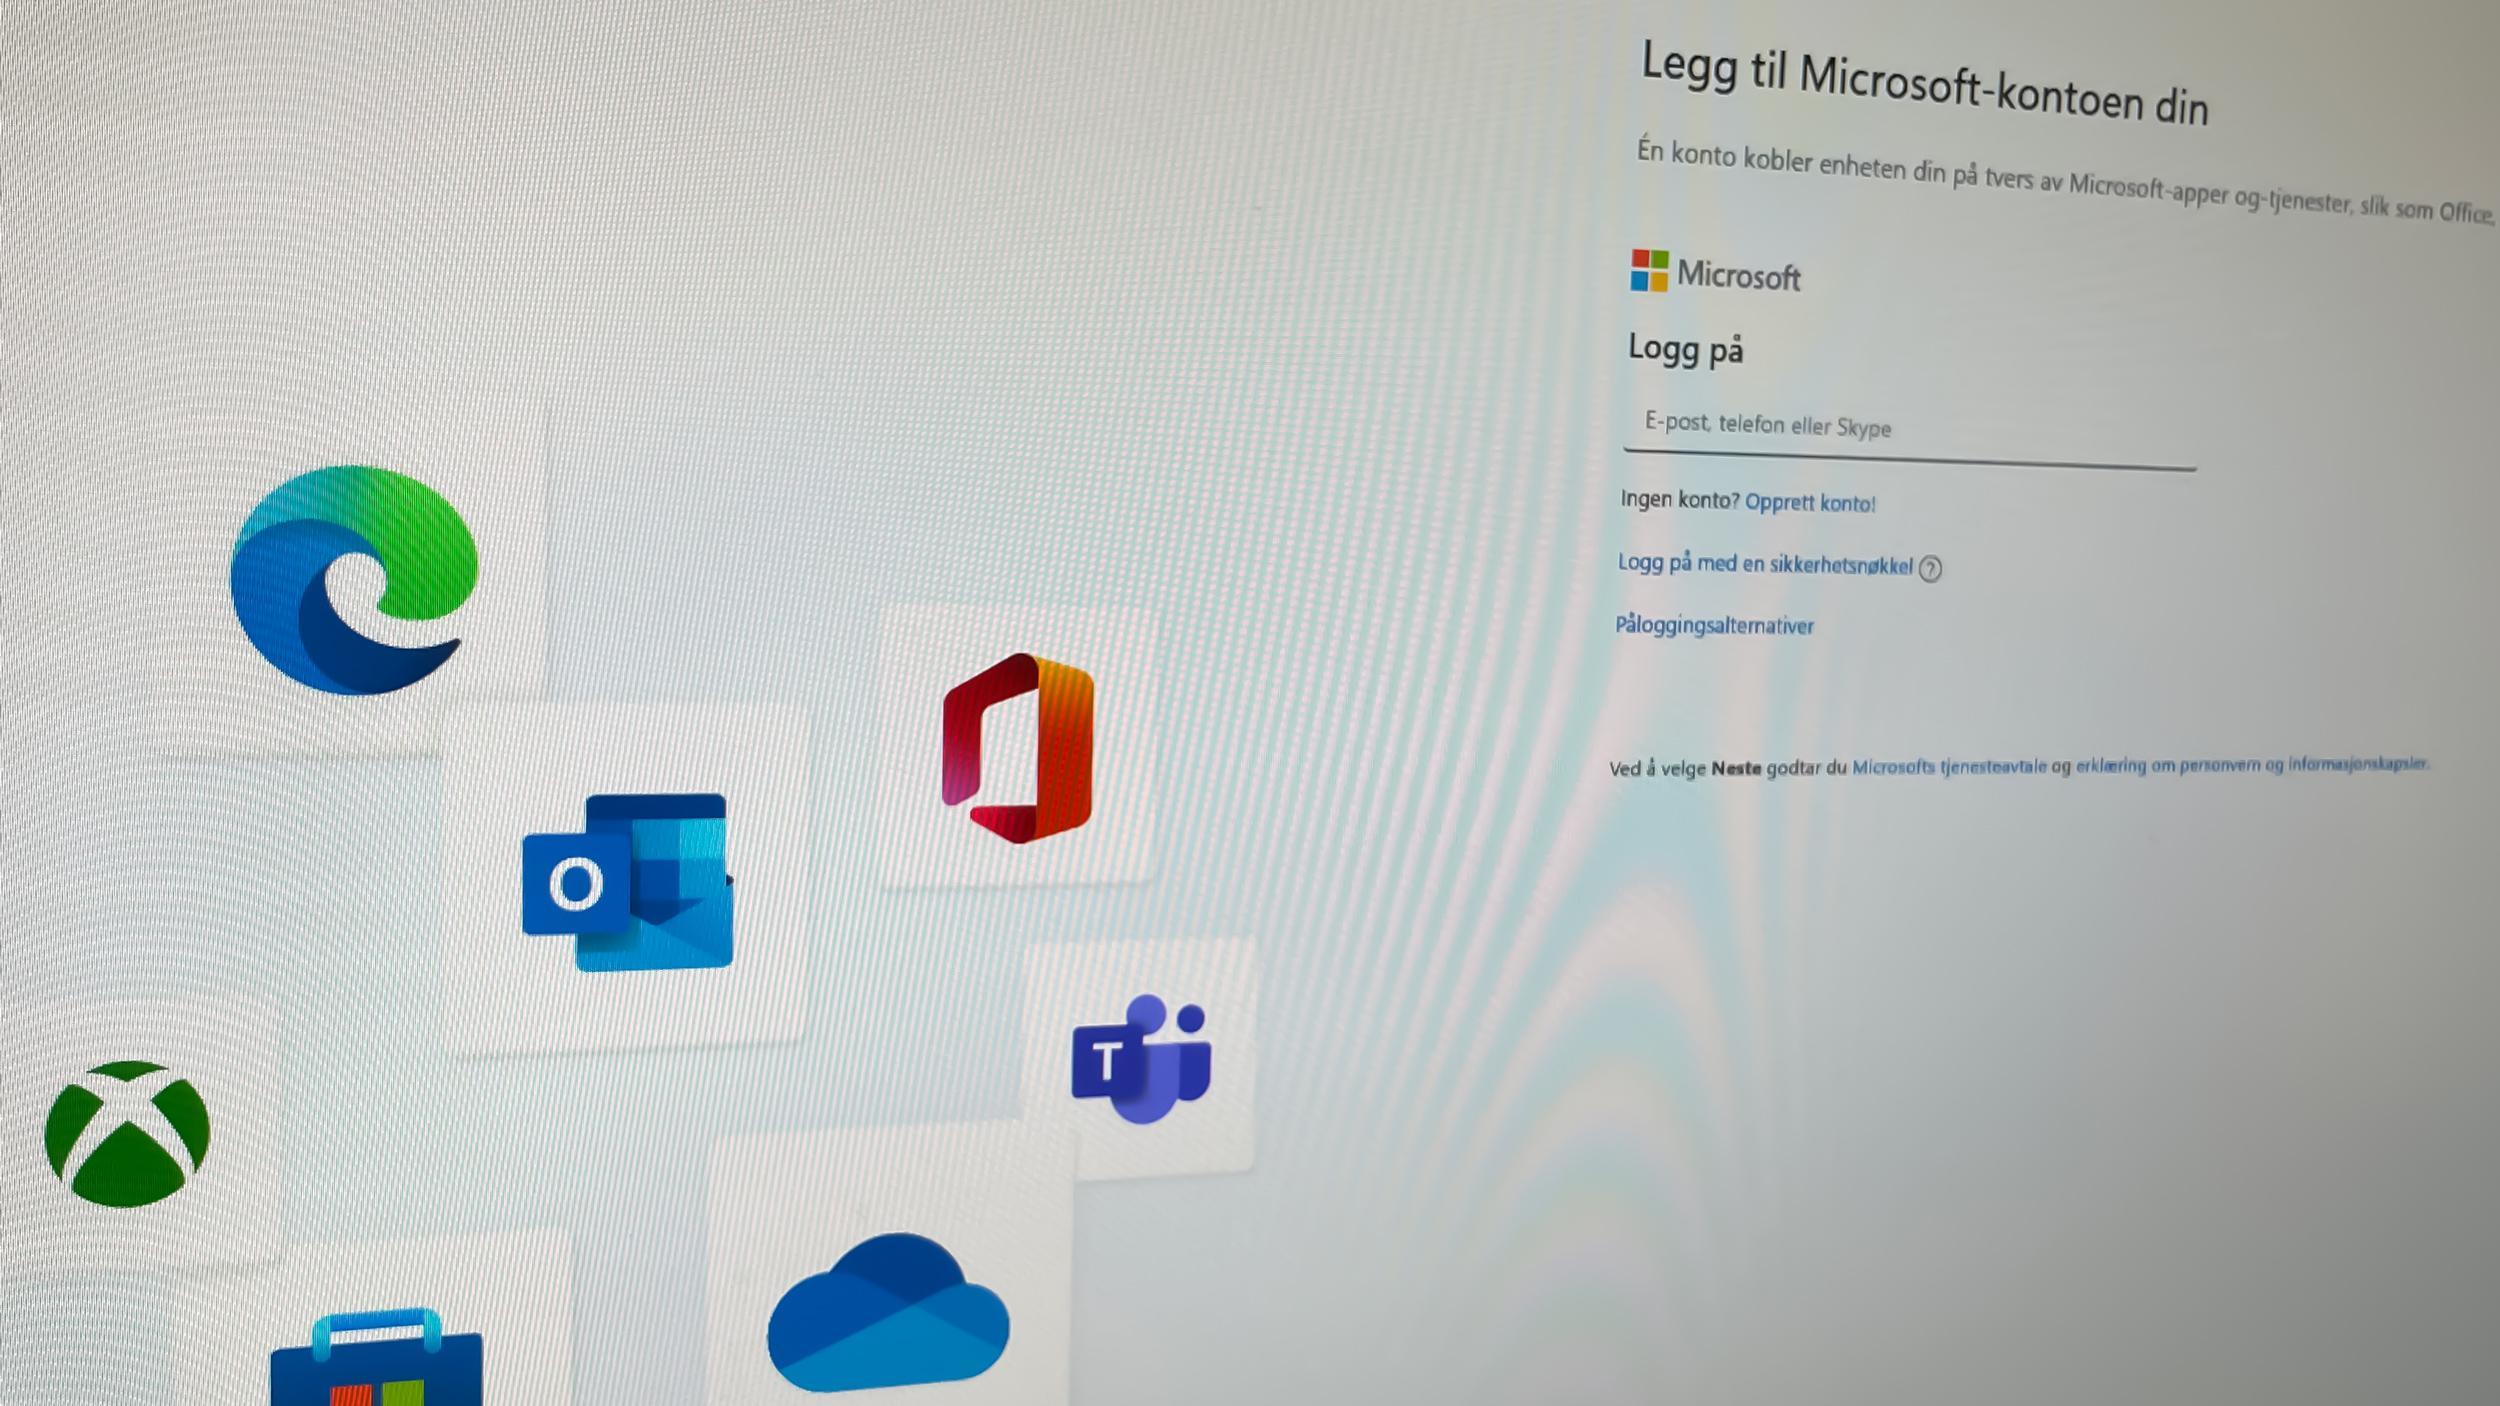 Windows 11 krever både internettilkobling og Microsoft-konto for å slippe deg inn første gangen.